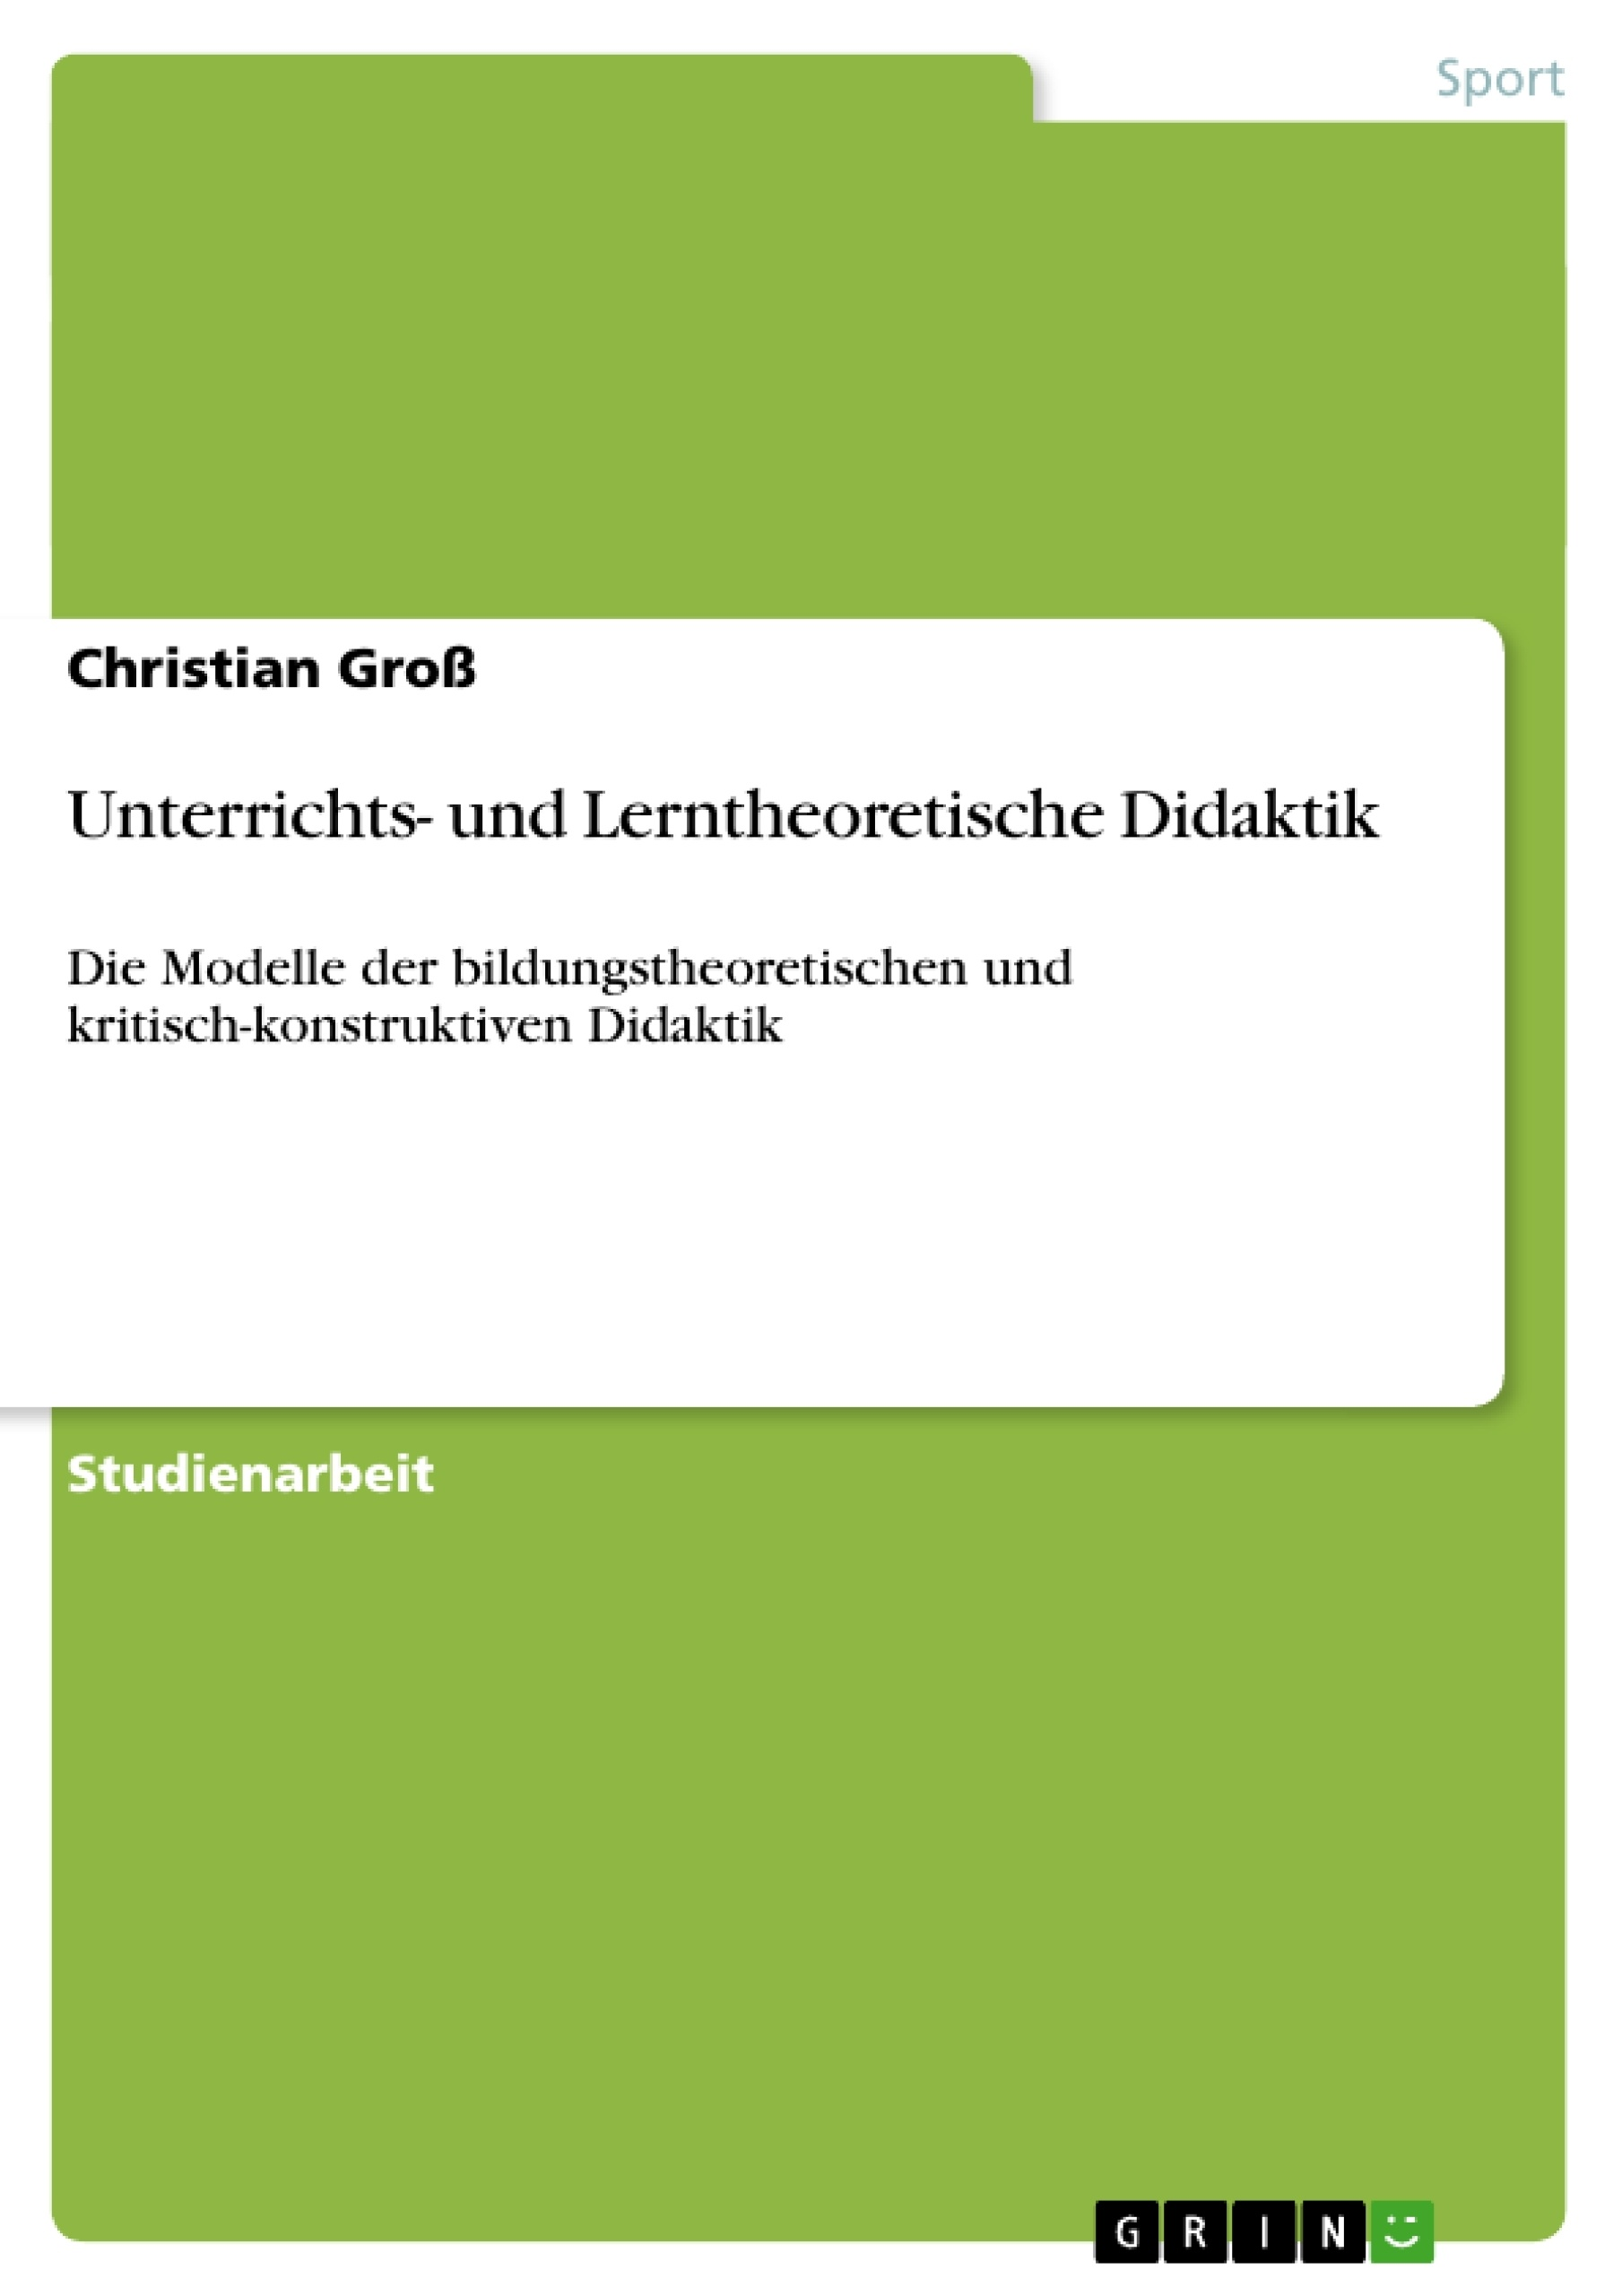 Titel: Unterrichts- und Lerntheoretische Didaktik